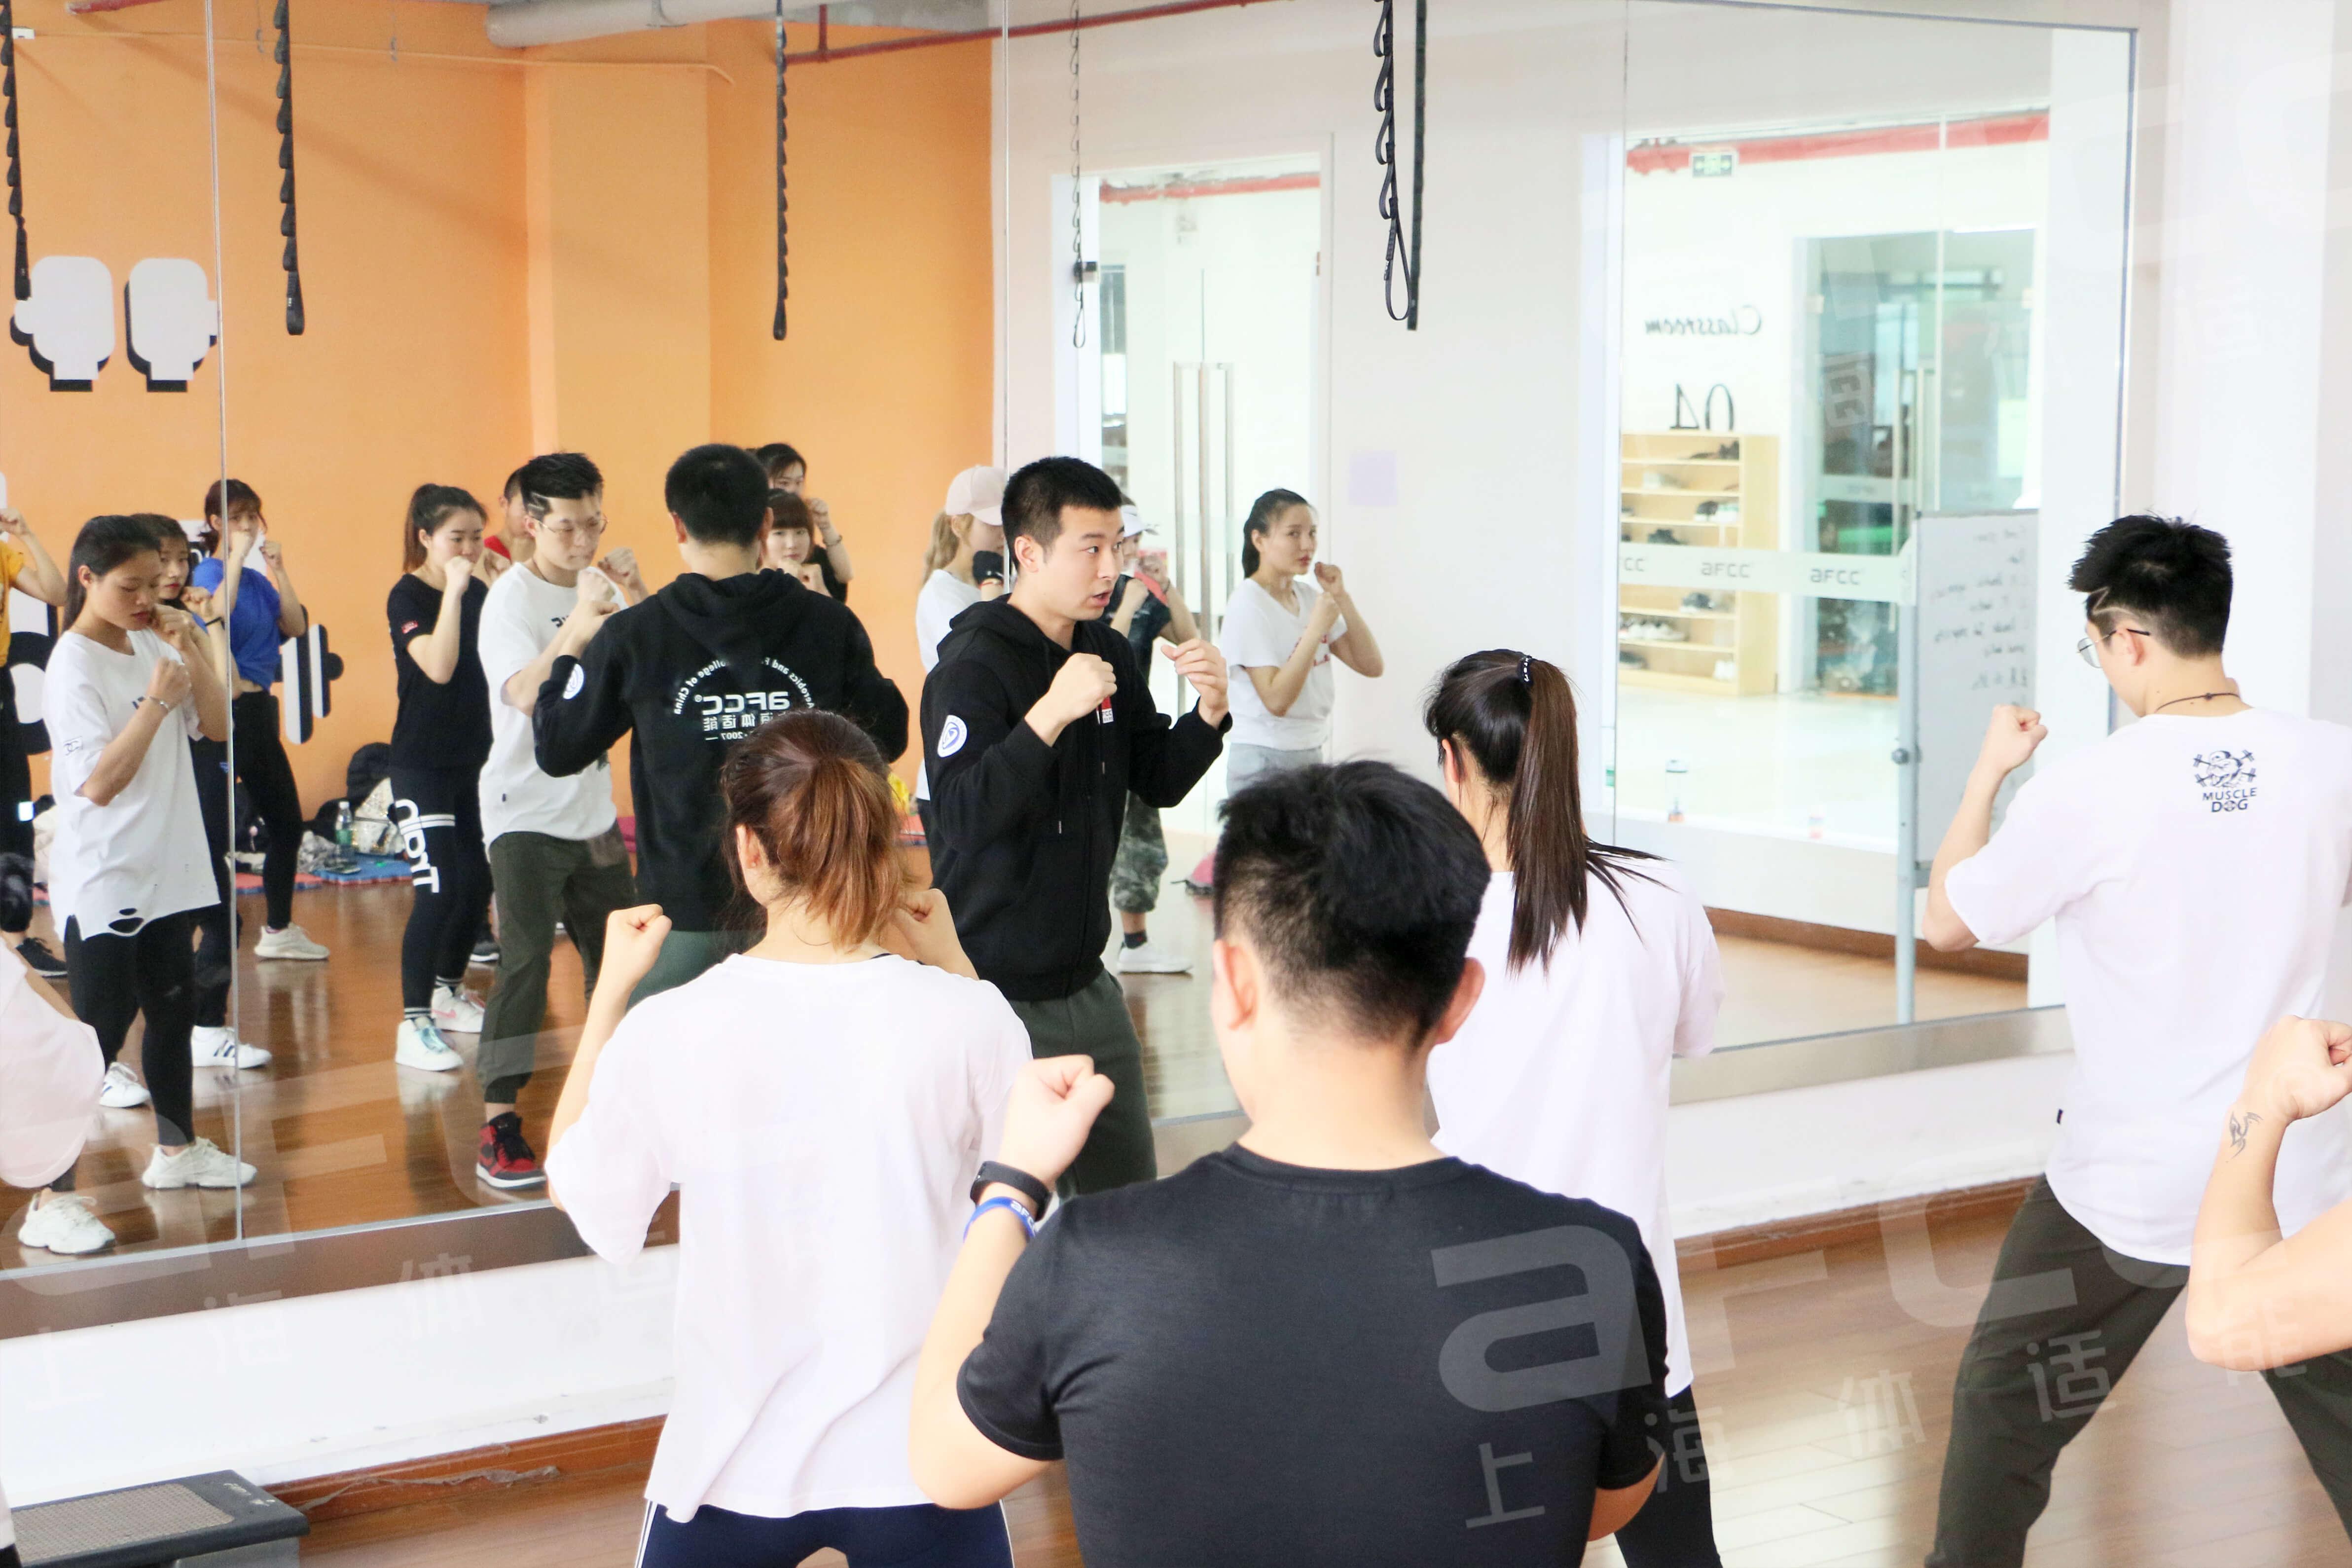 有氧搏击操的具体形式是将拳击、空手道、跆拳道、功夫,甚至一些舞蹈动作混在一起